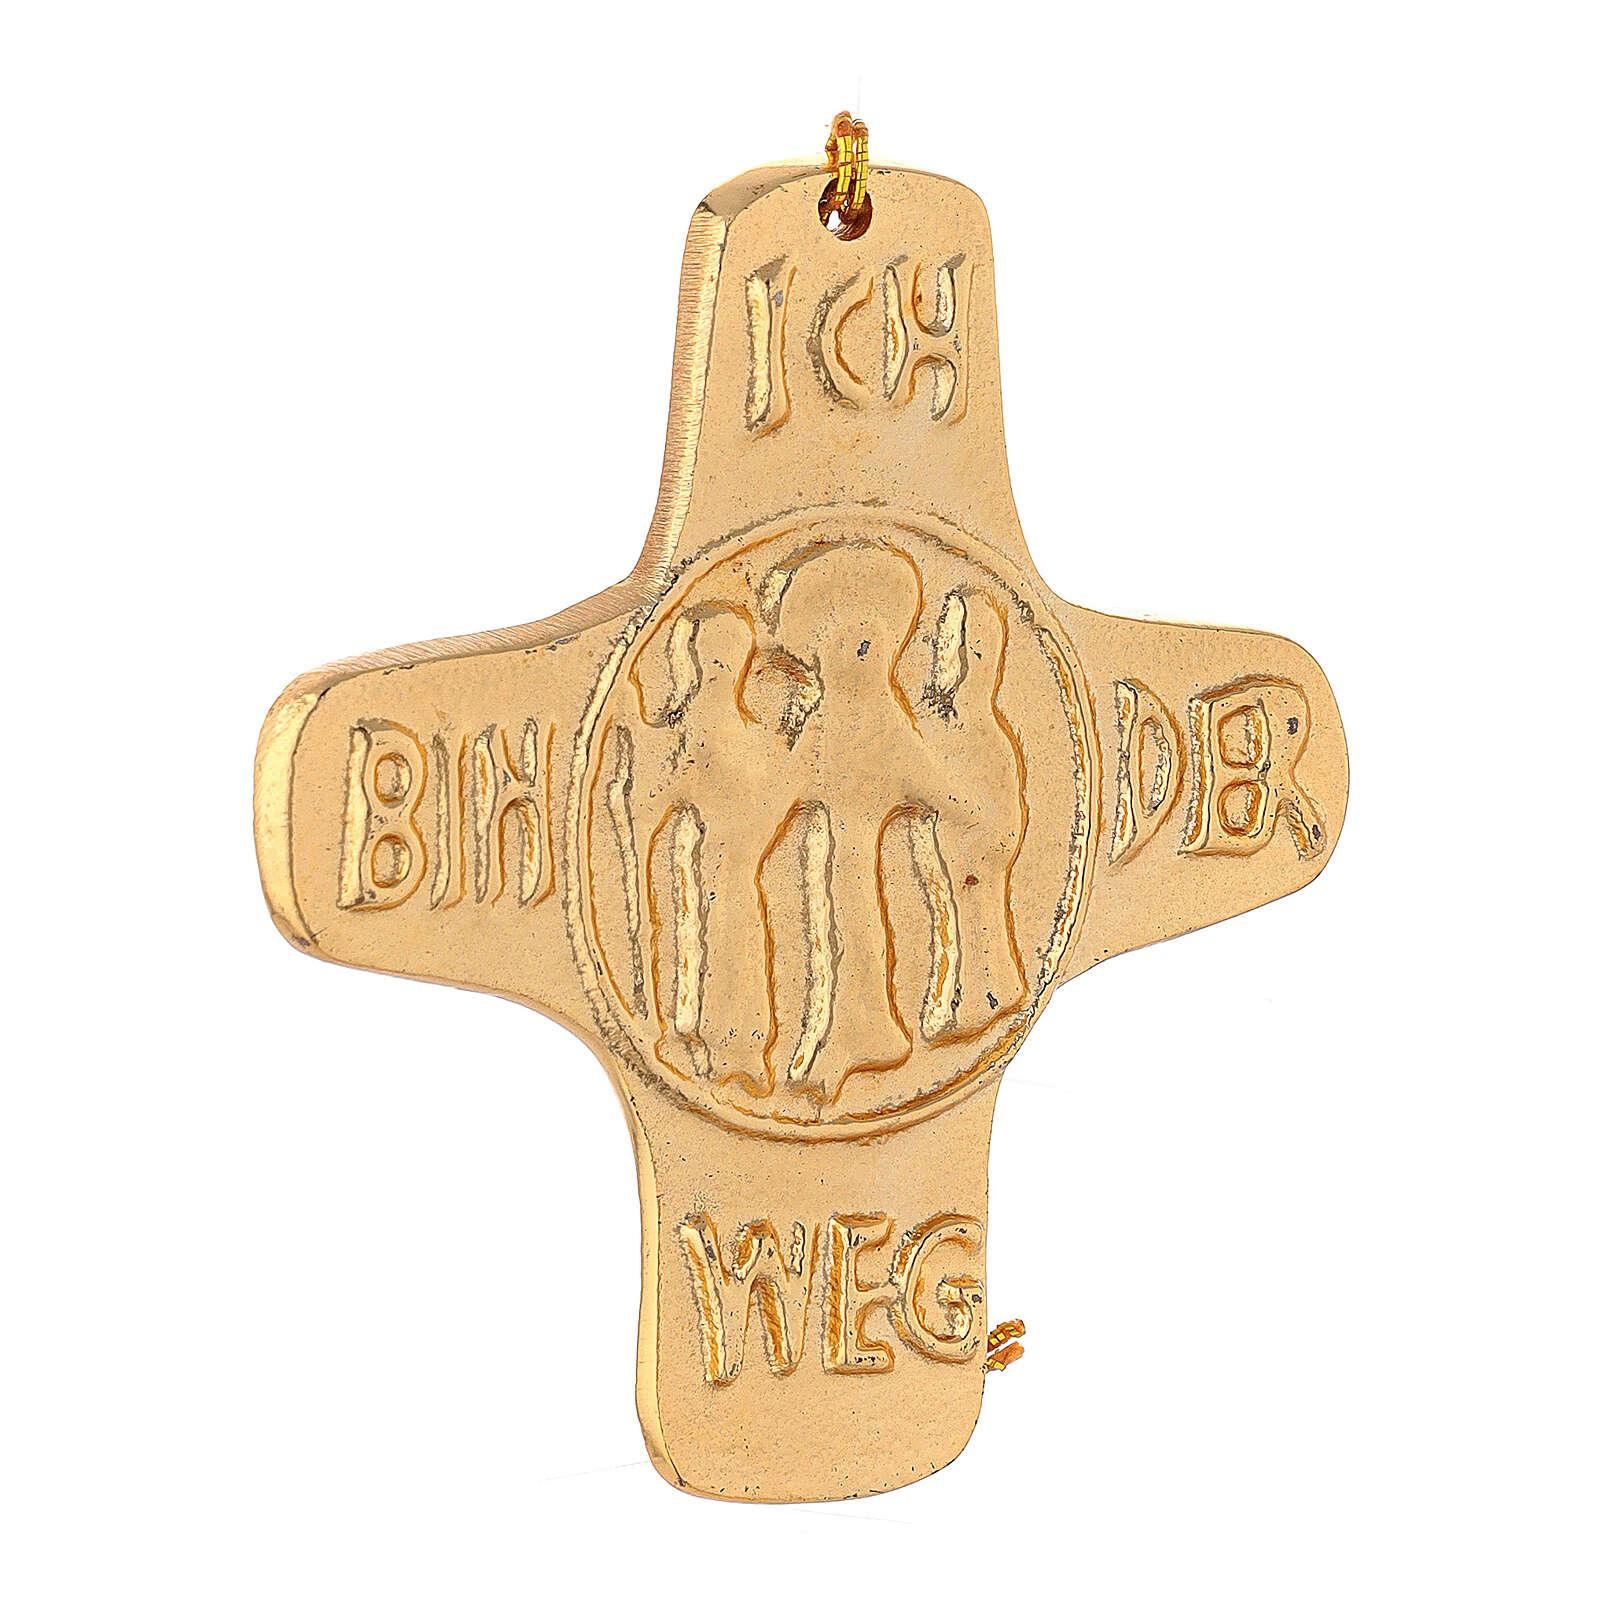 Cruz de pared Yo Soy El Camino aluminio dorado 11 cm 4